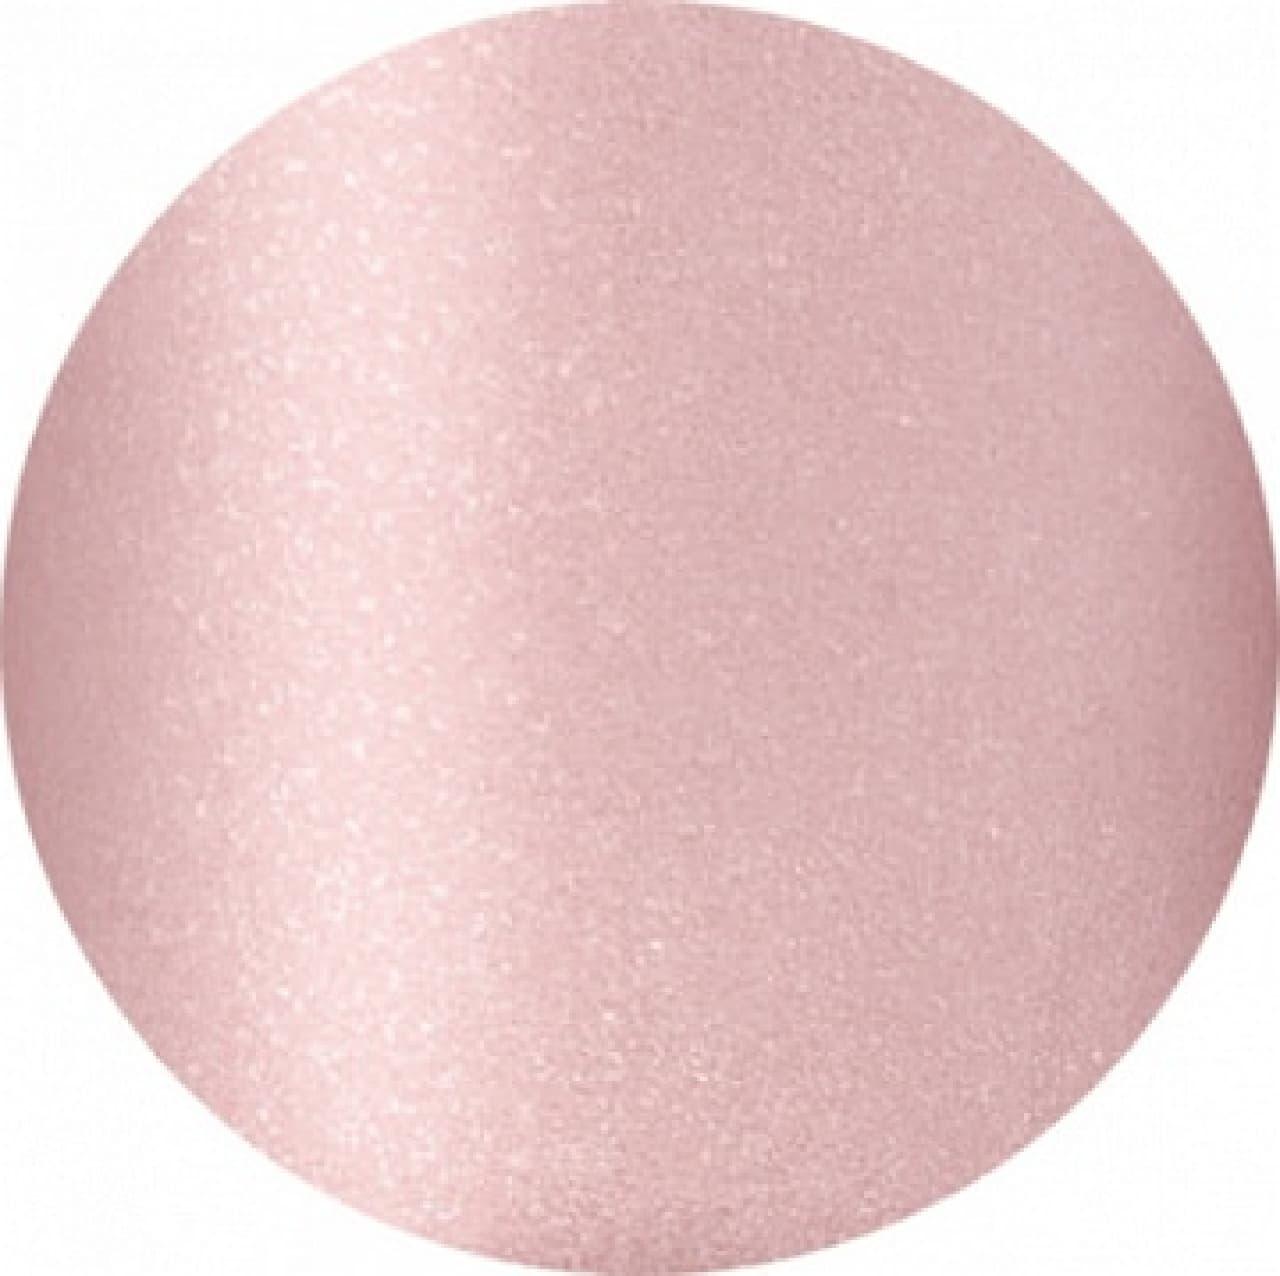 「キス エッセンスクリームアイズ」の新色「09 Pale Lilac」